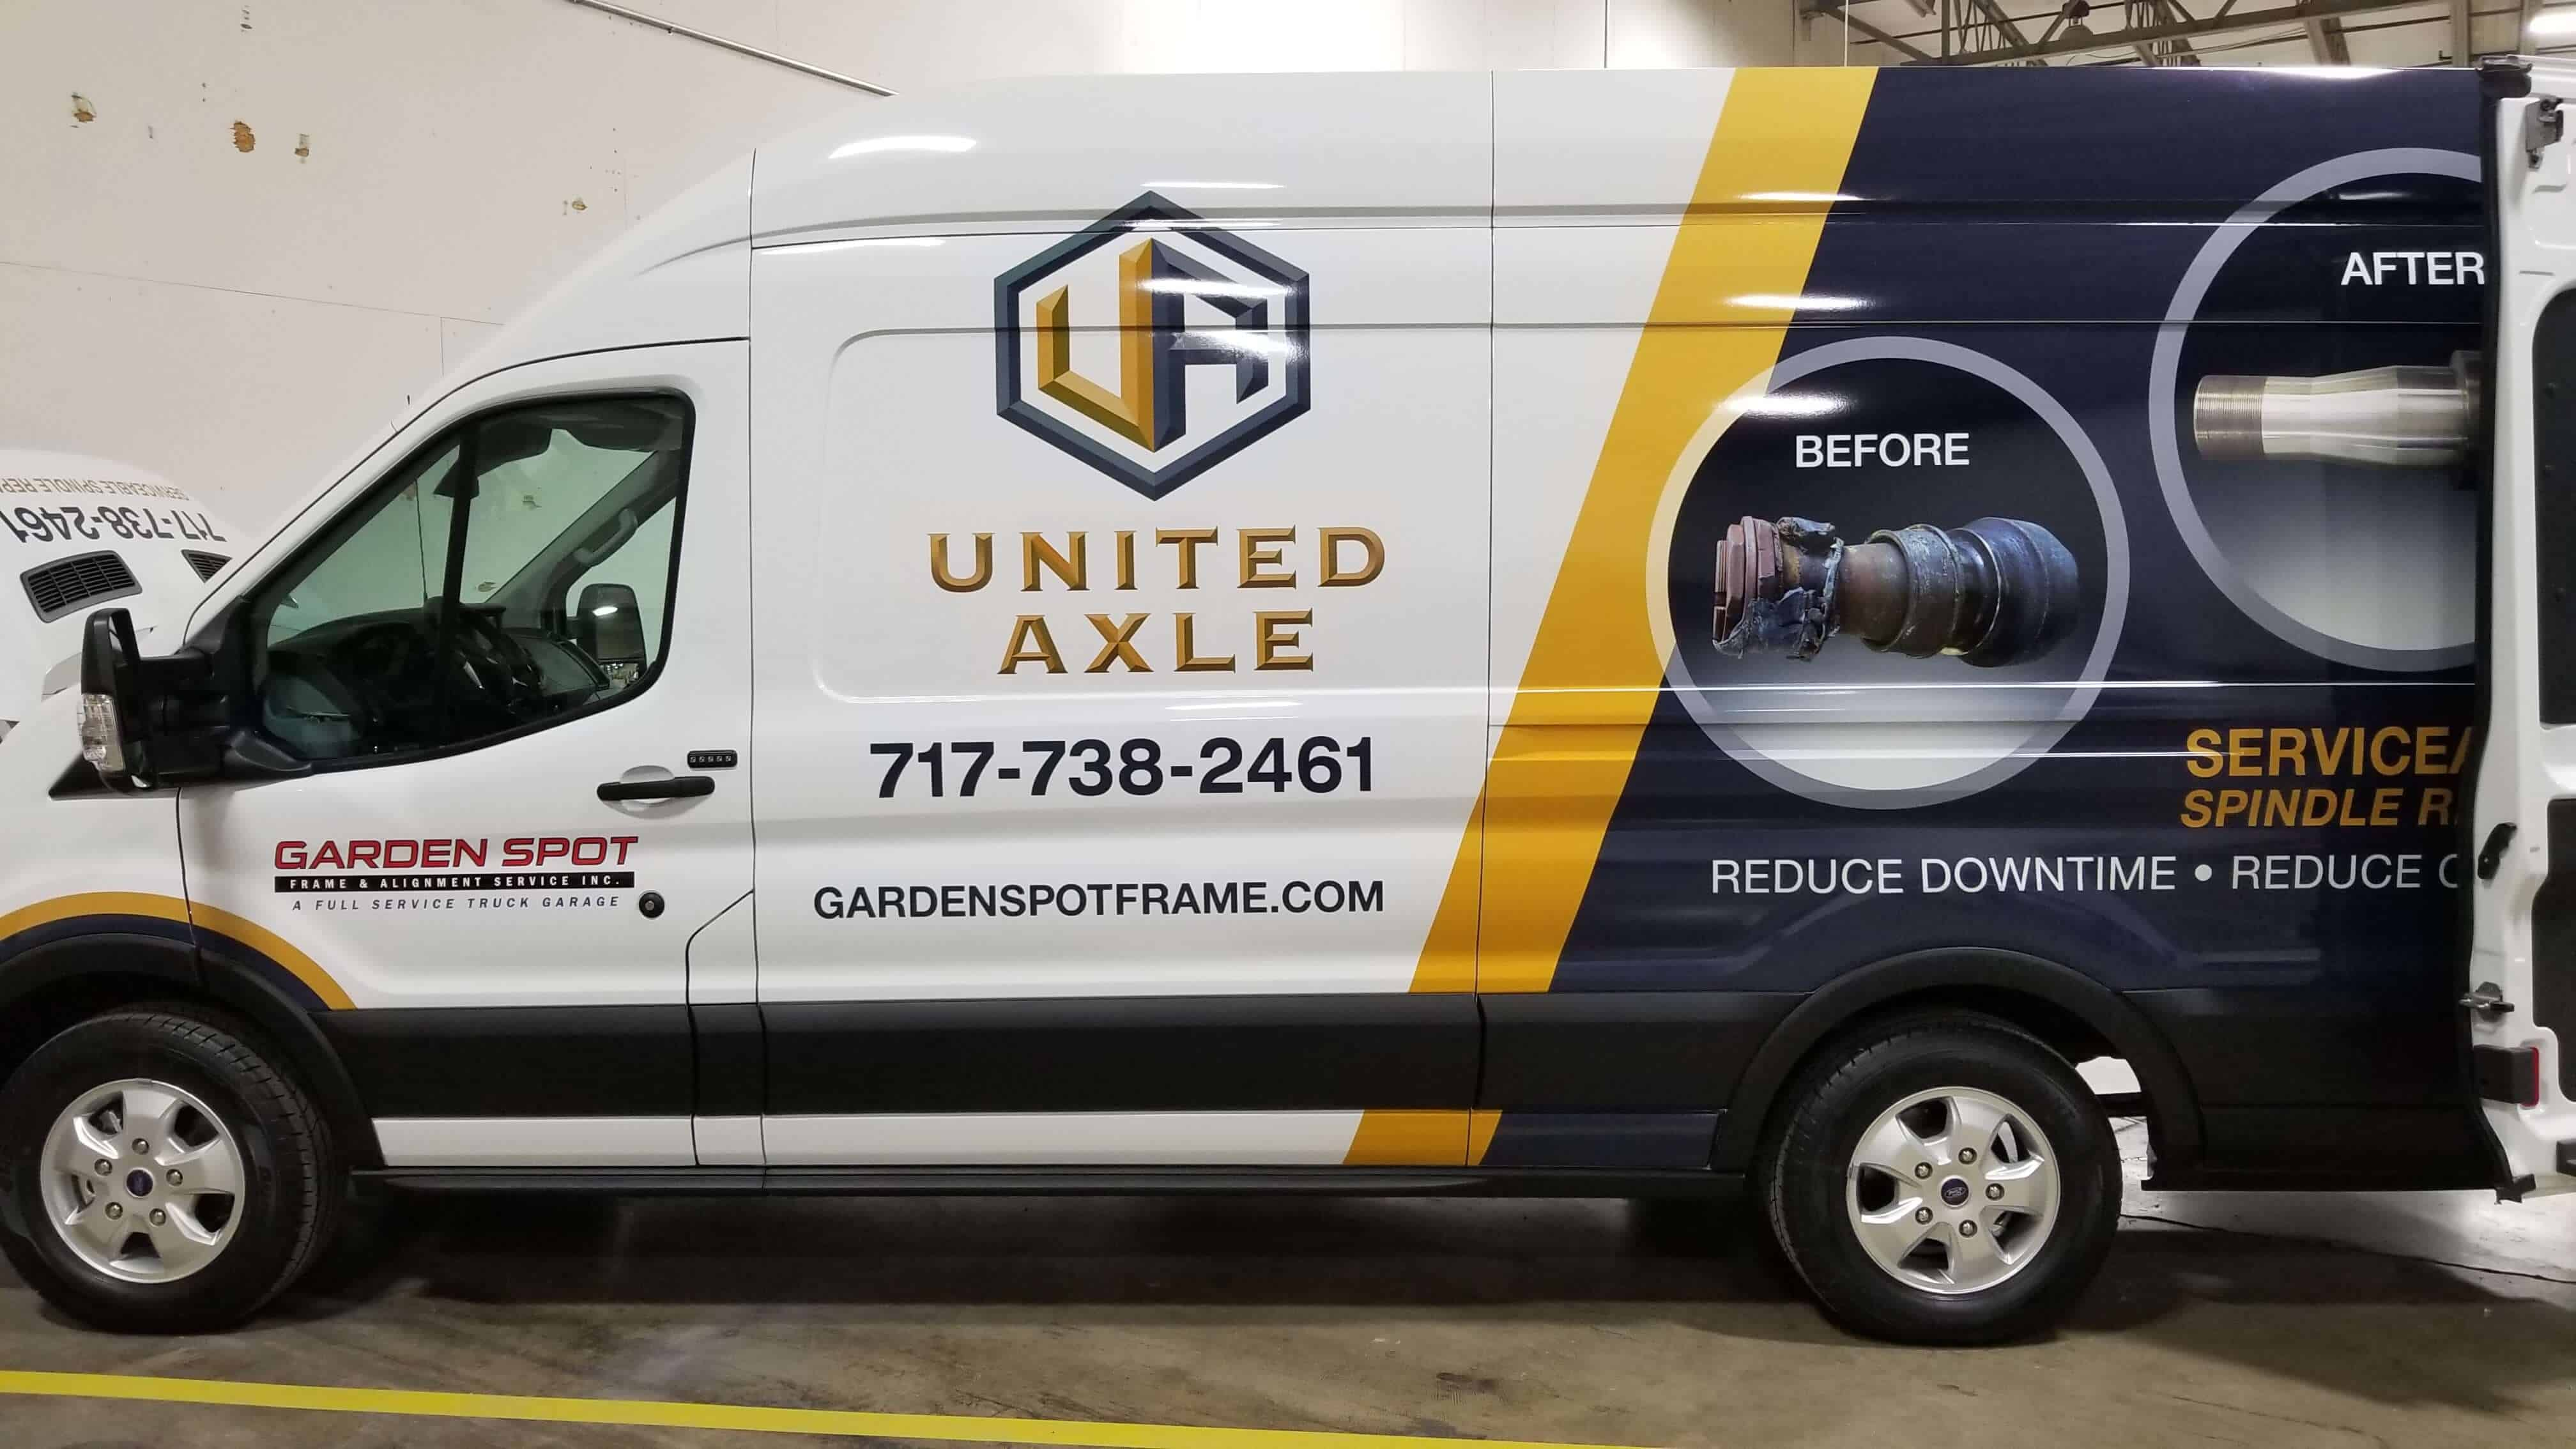 United Axle Van